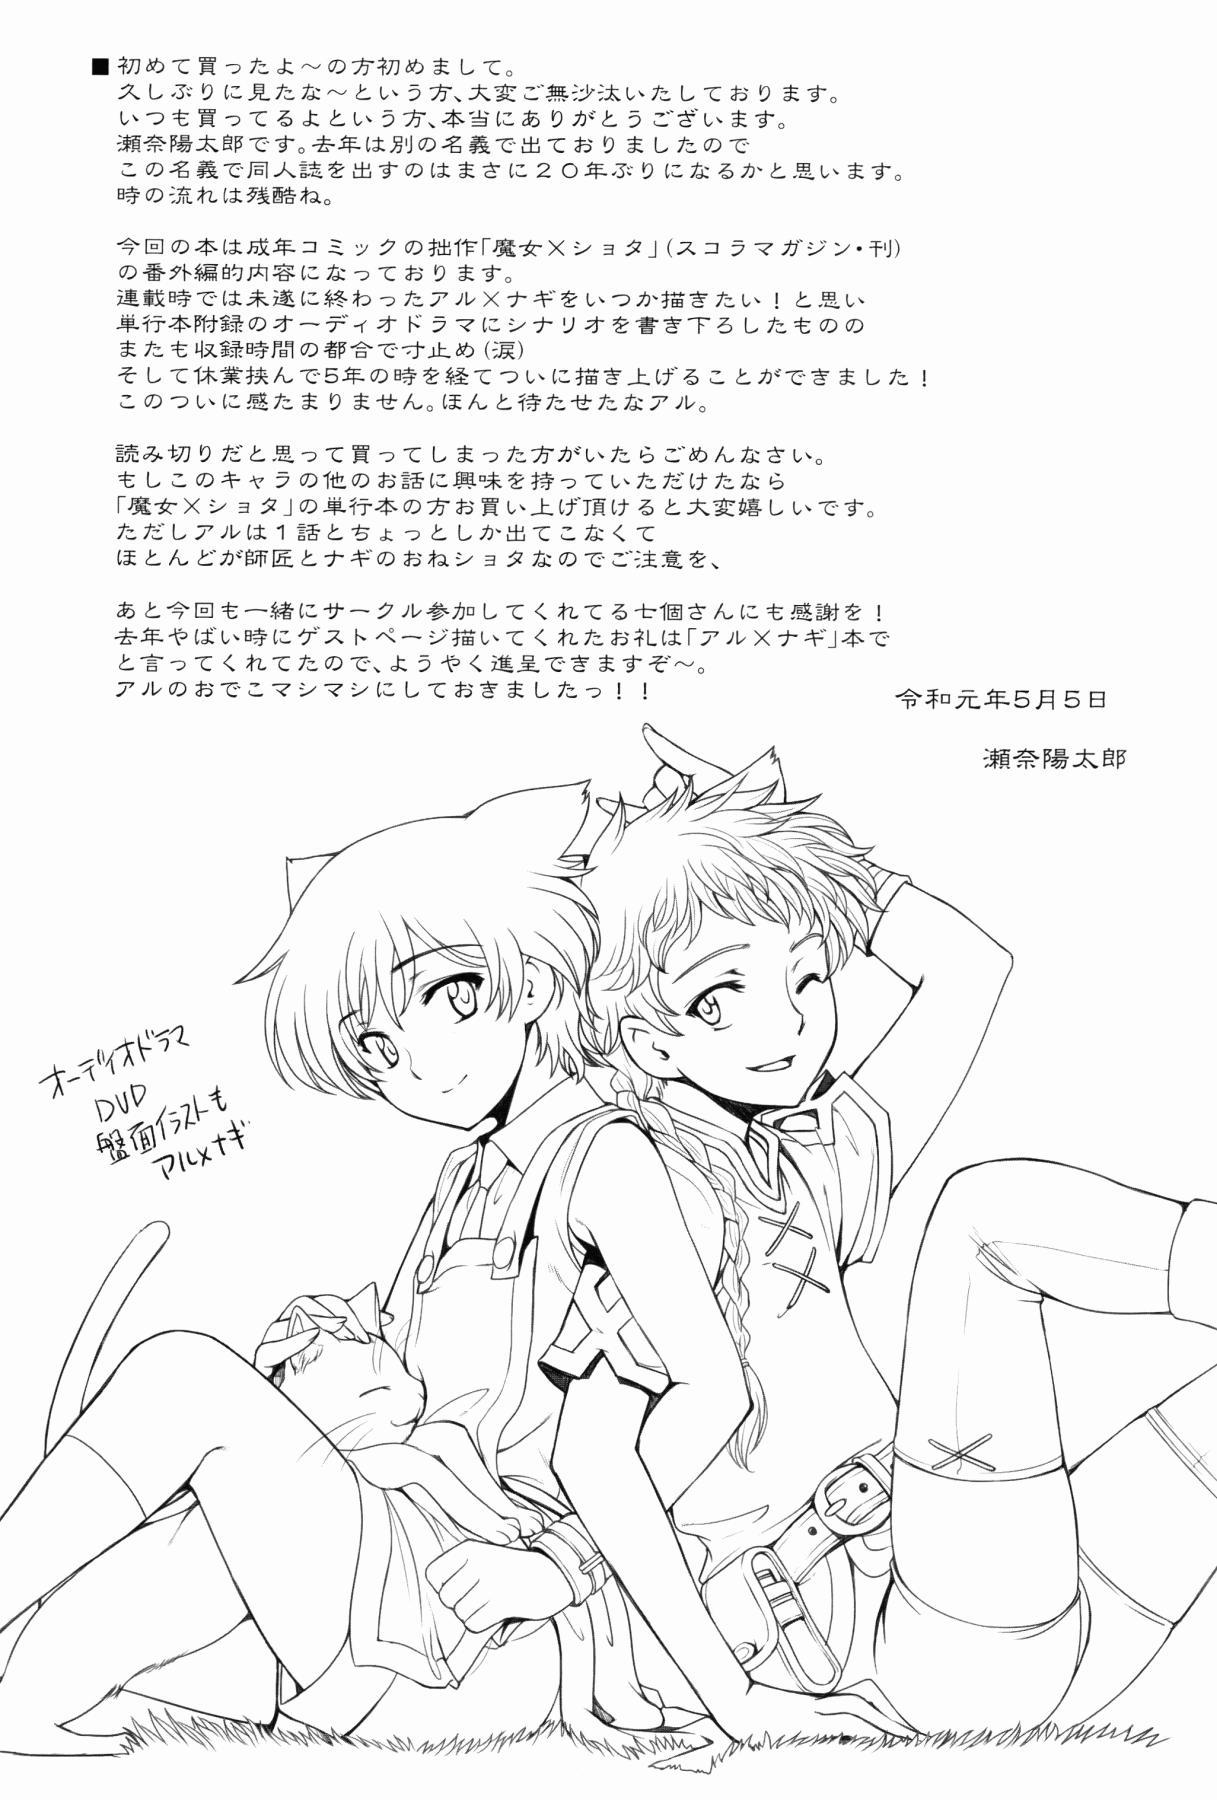 Shounen-tachi no Gogo | Boys Afternoon 27